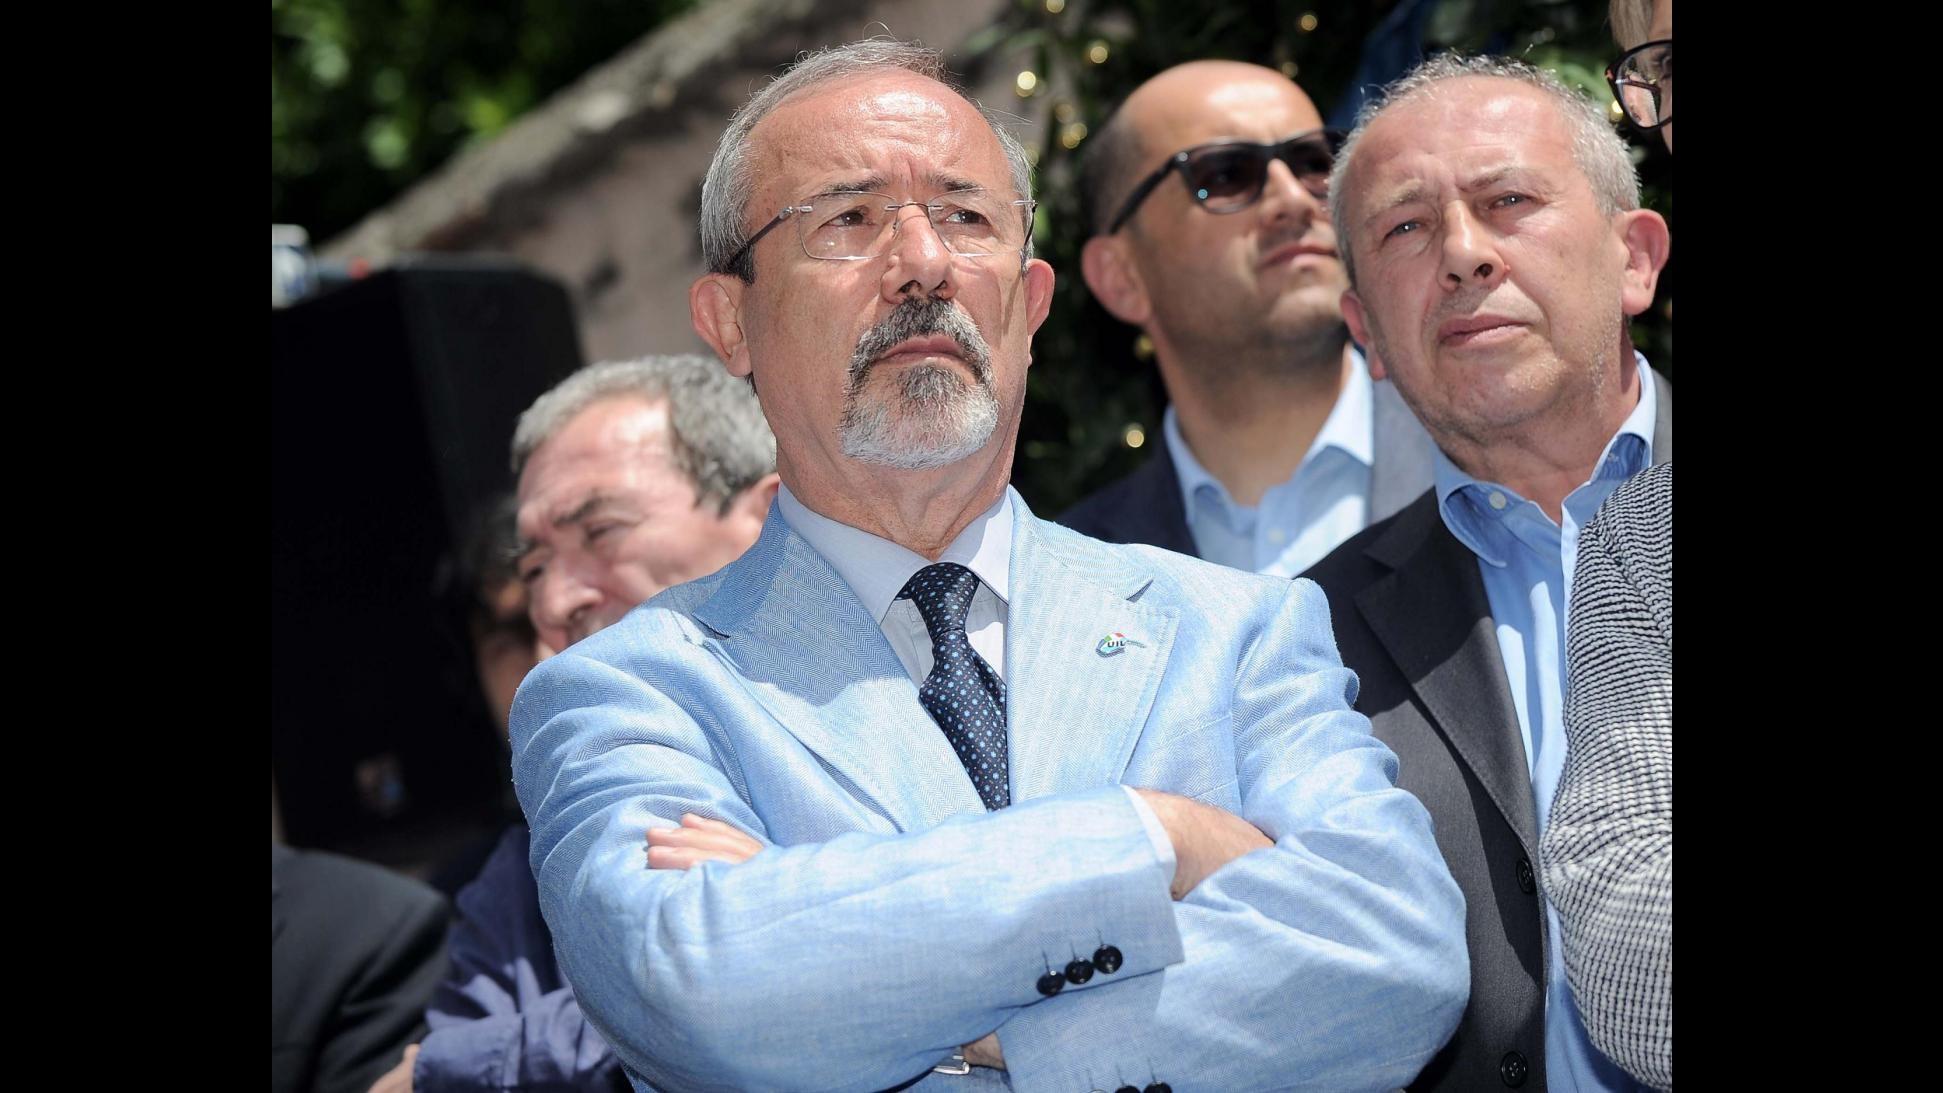 Barbagallo a Renzi: Noi siamo per sindacato unitario e riformista